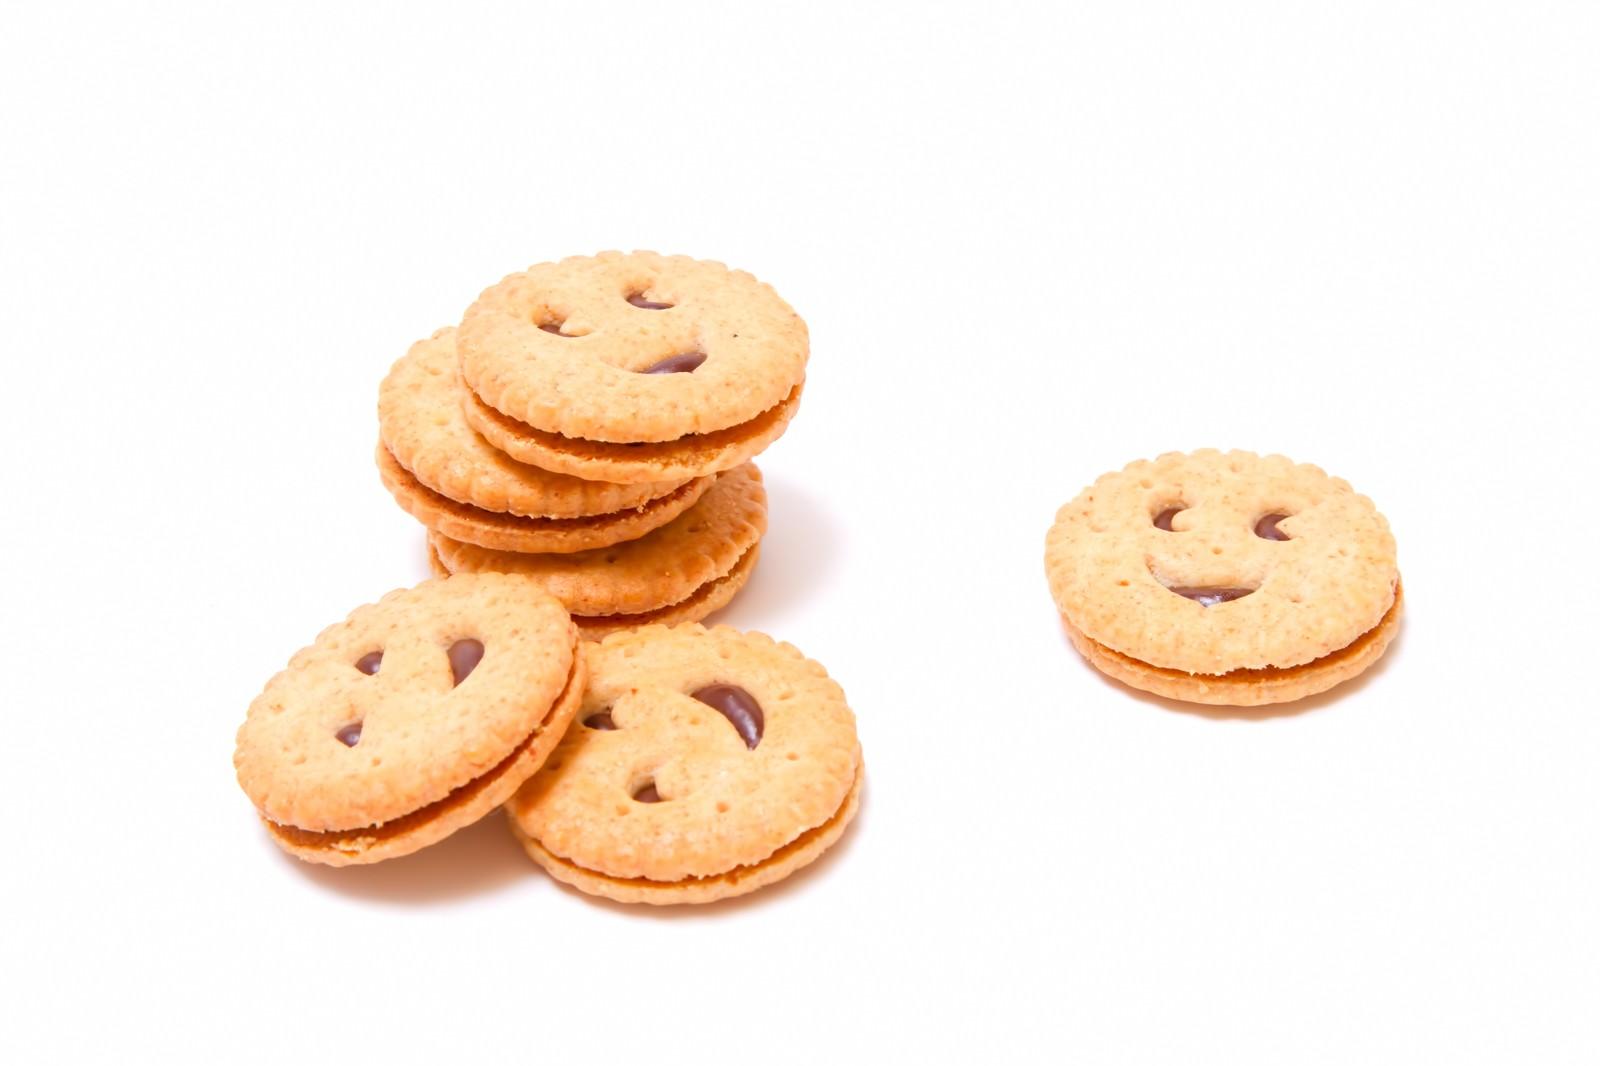 「顔が書かれたクッキー顔が書かれたクッキー」のフリー写真素材を拡大